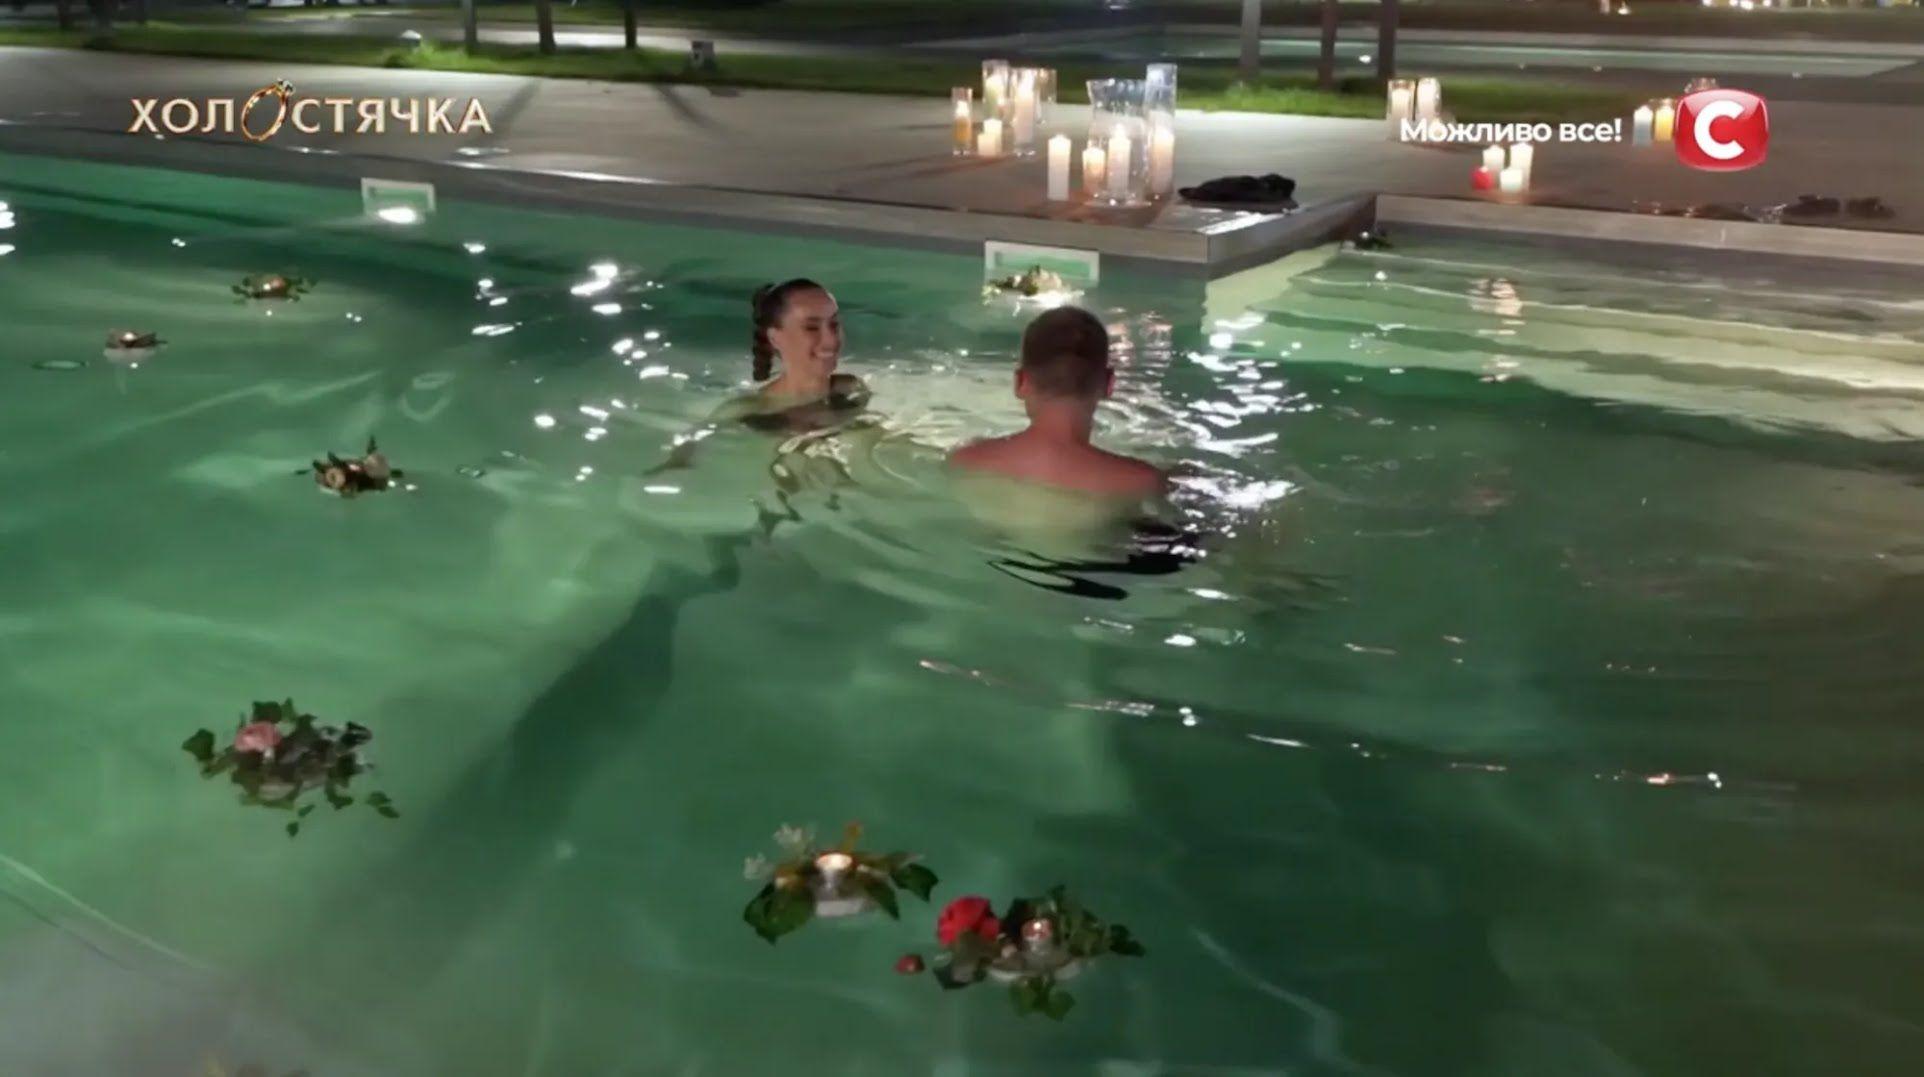 Свидание Ксении и Андрея завершилось в бассейне.